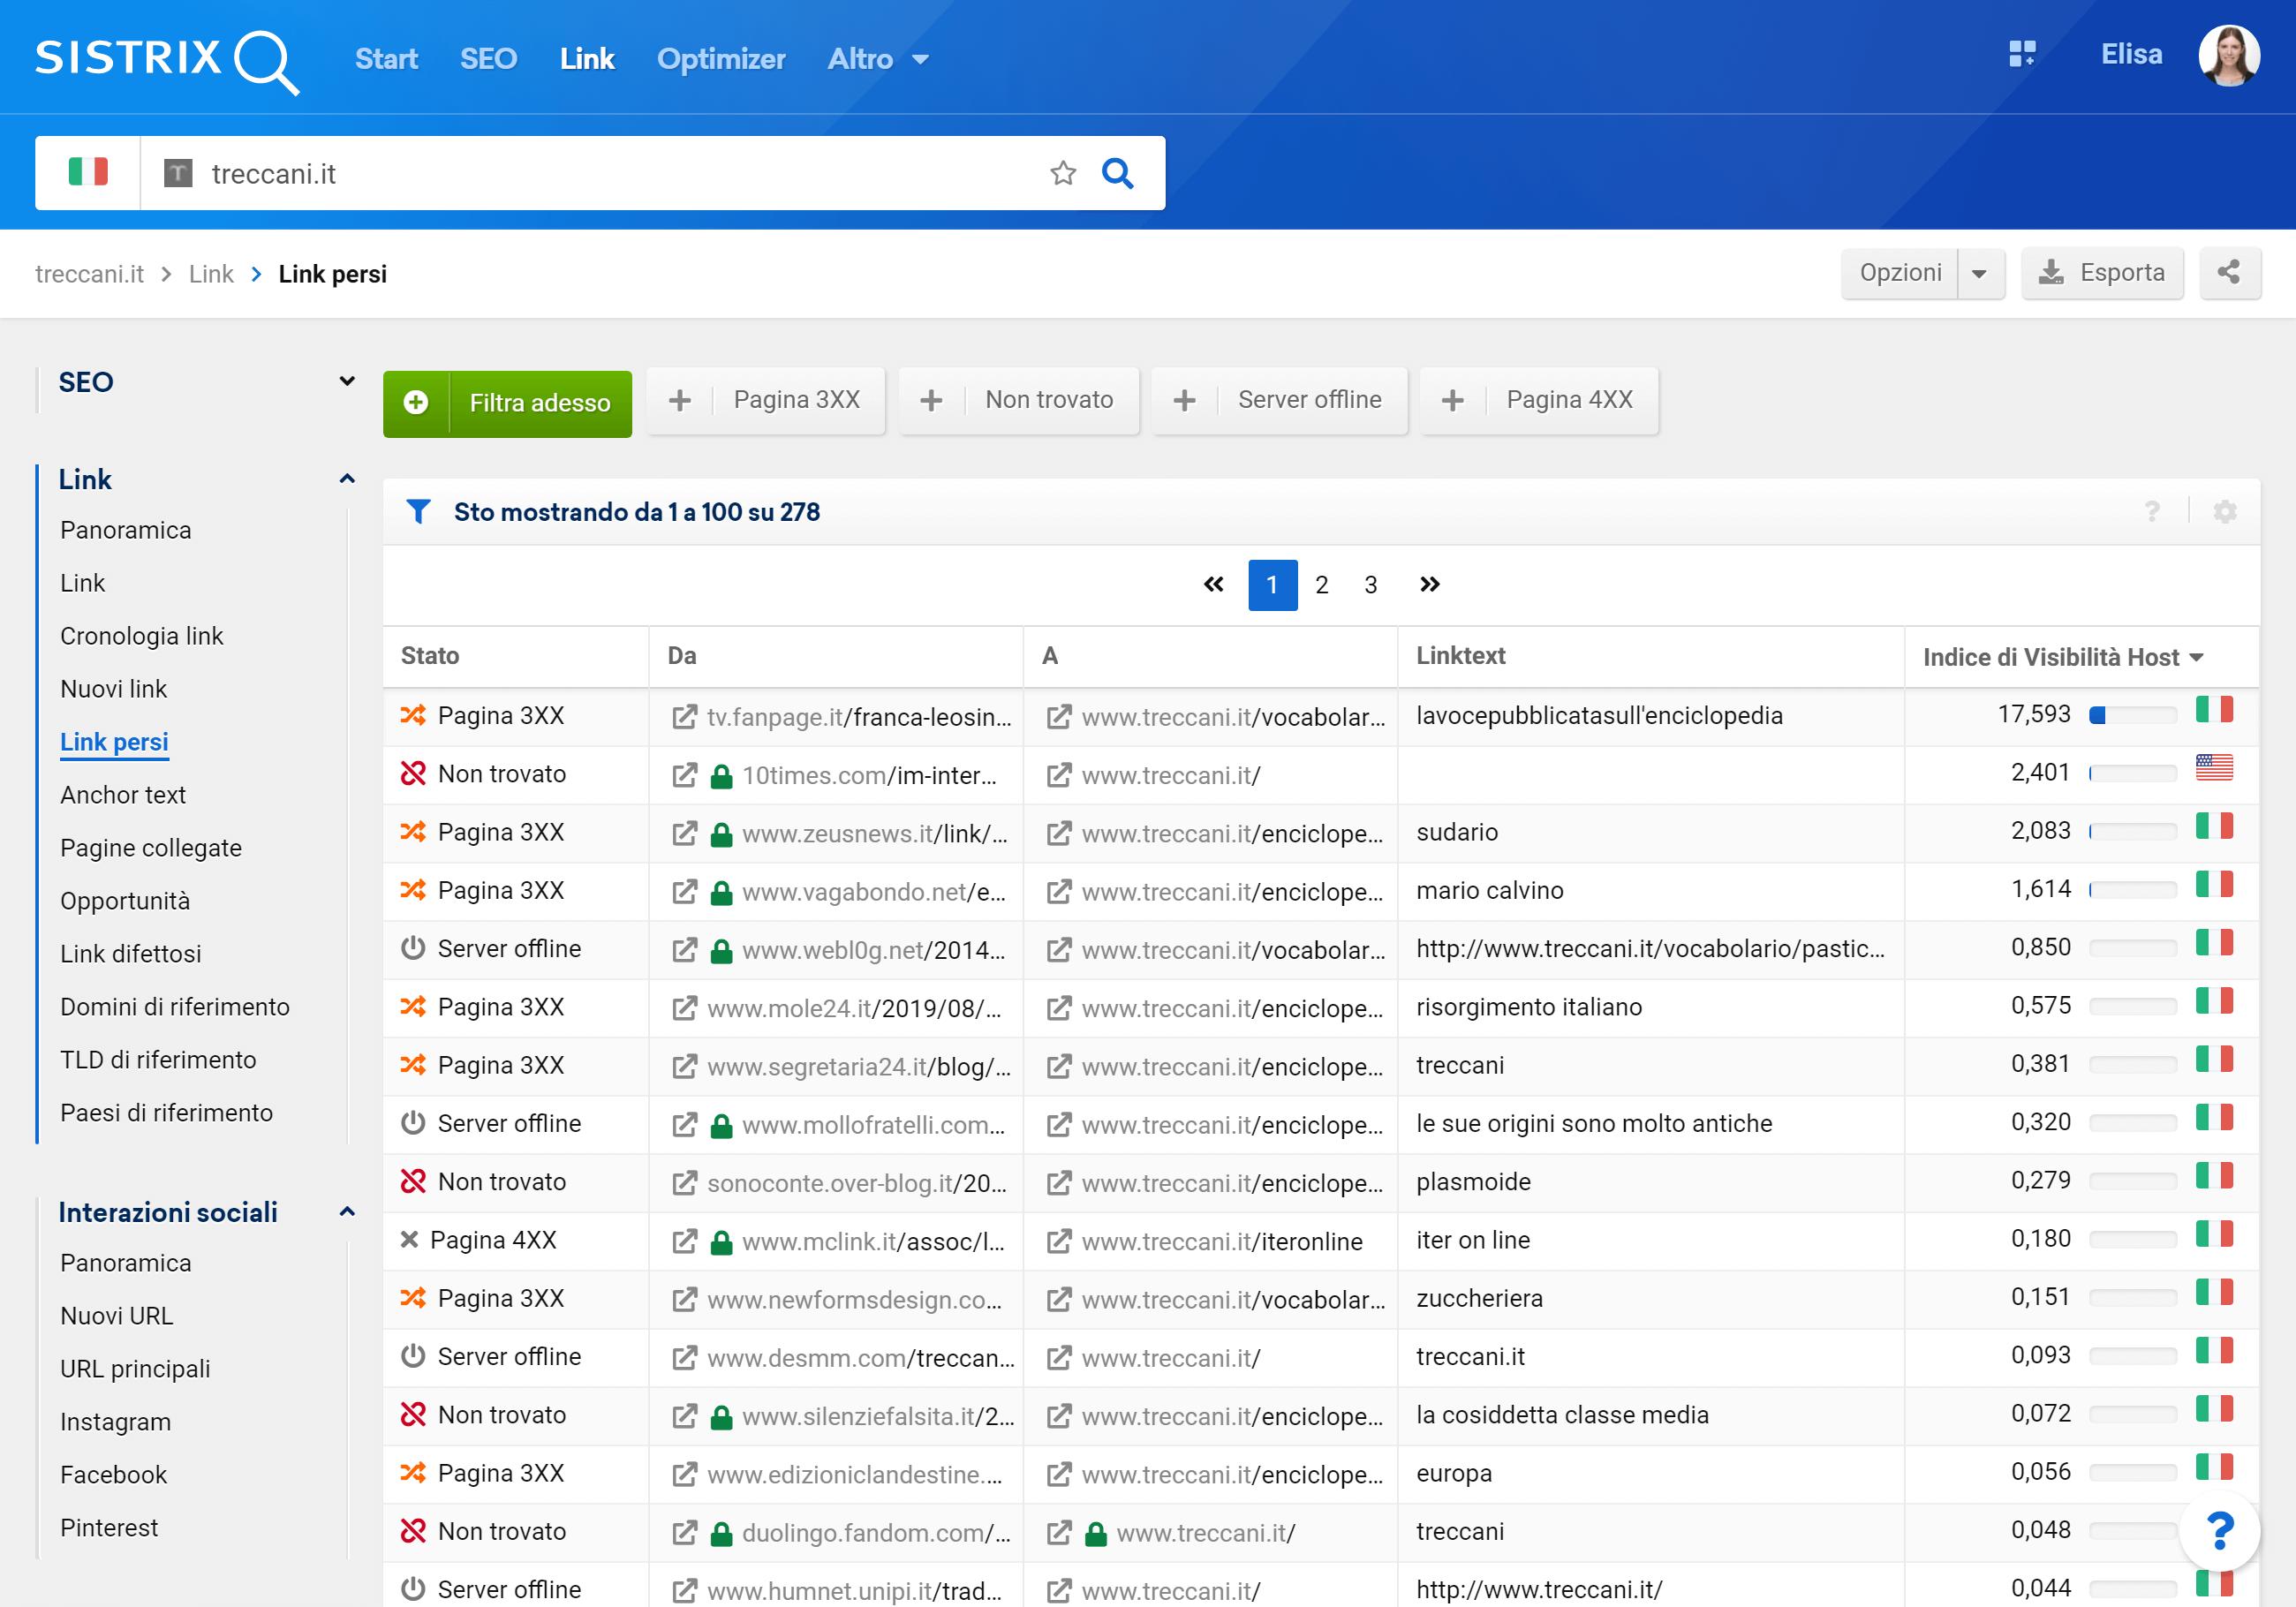 Toolbox SISTRIX: link persi di treccani.it